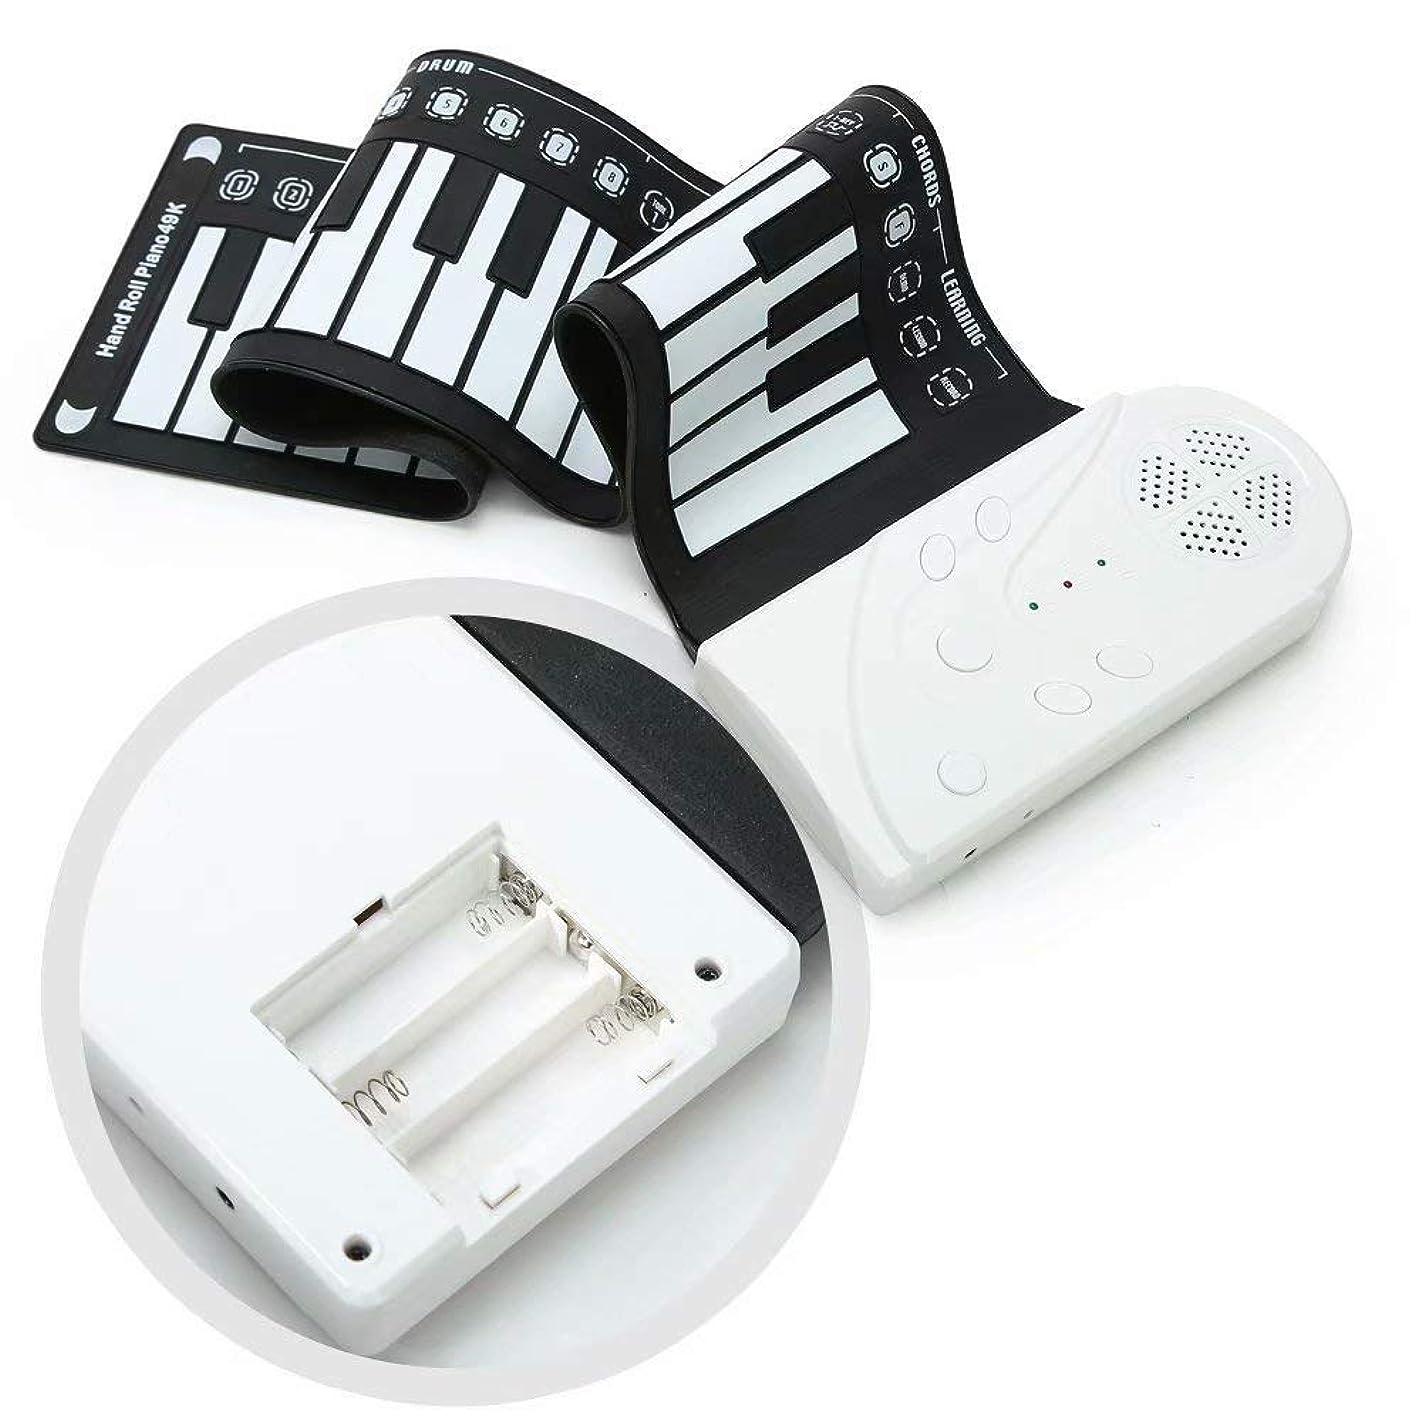 青富男性Burning Go ロールピアノ 49鍵盤 キーボード ピアノ 折り畳み式 おもちゃ 知育玩具 練習用 電子ピアノ ハンドロールピアノ 初心者 子供 3歳 4歳 5歳 6歳 持ち運び プレゼント 贈り物